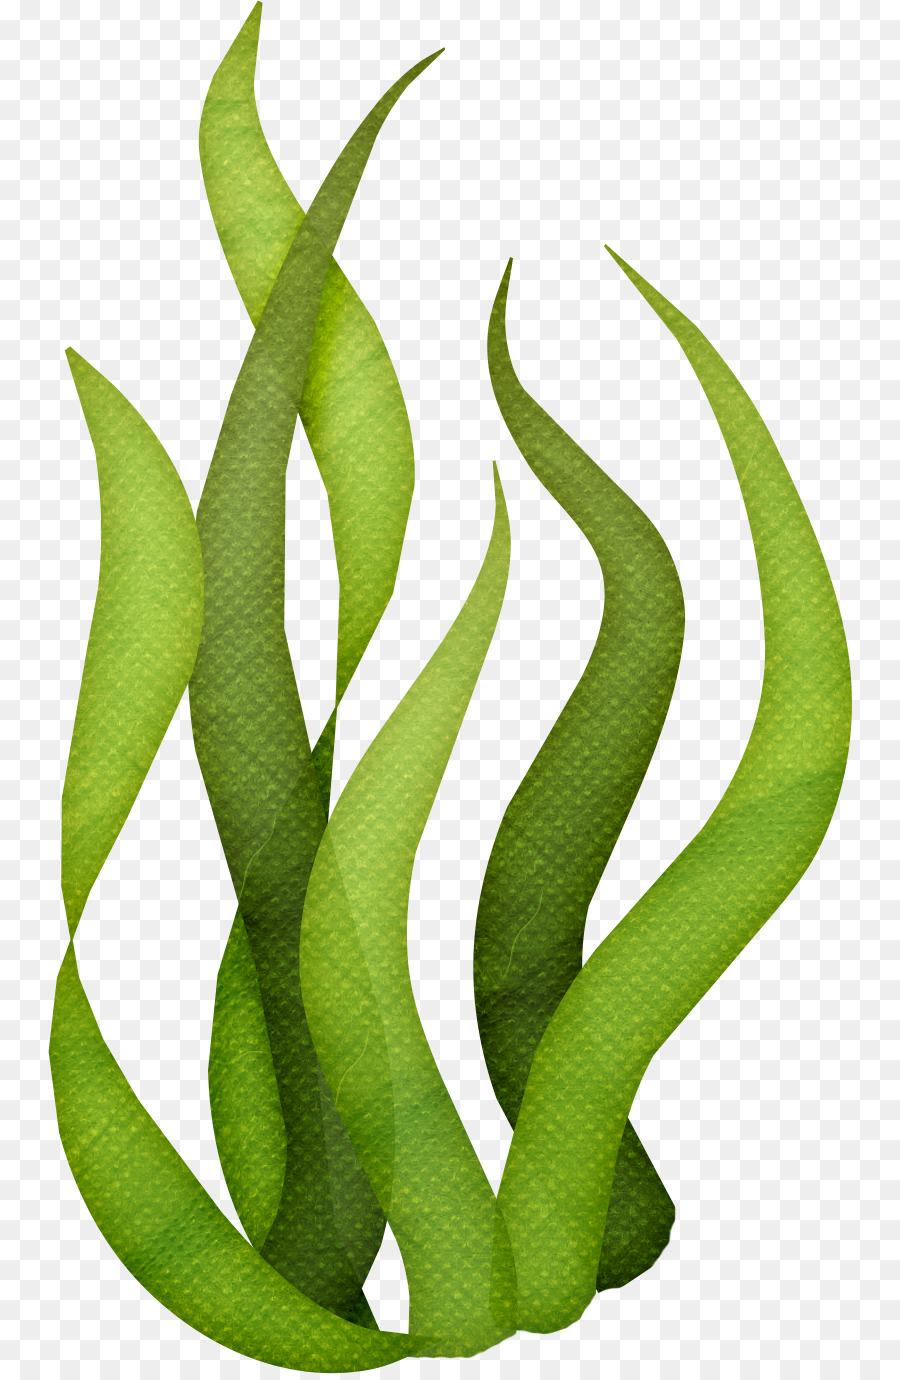 Seaweed Algae Clip art